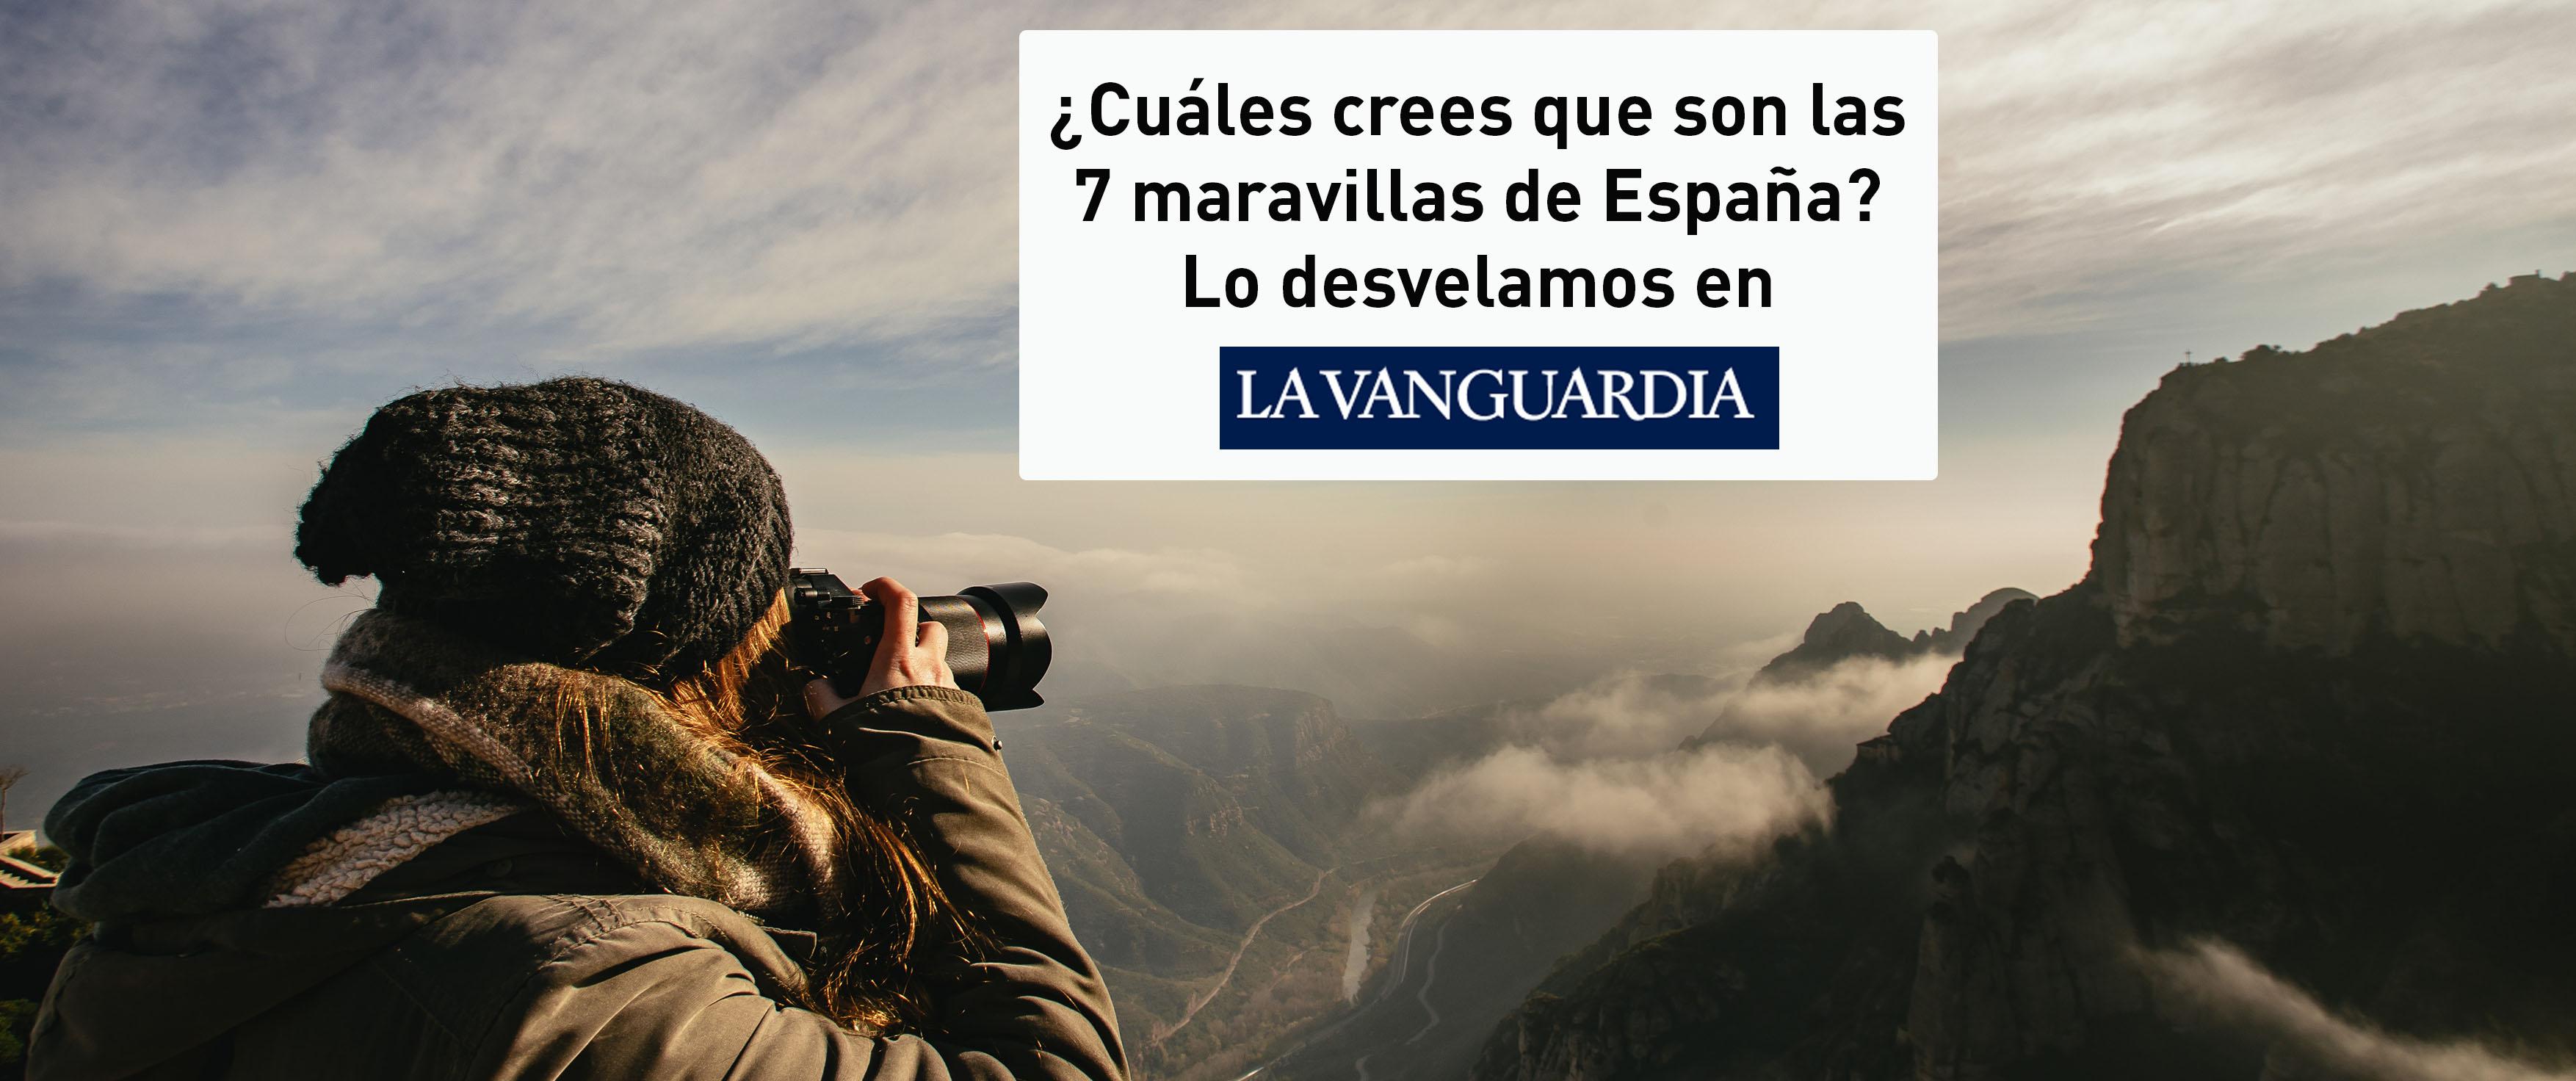 La Vanguardia muestra los resultados de nuestra encuesta sobre las 7 maravillas de España más votadas